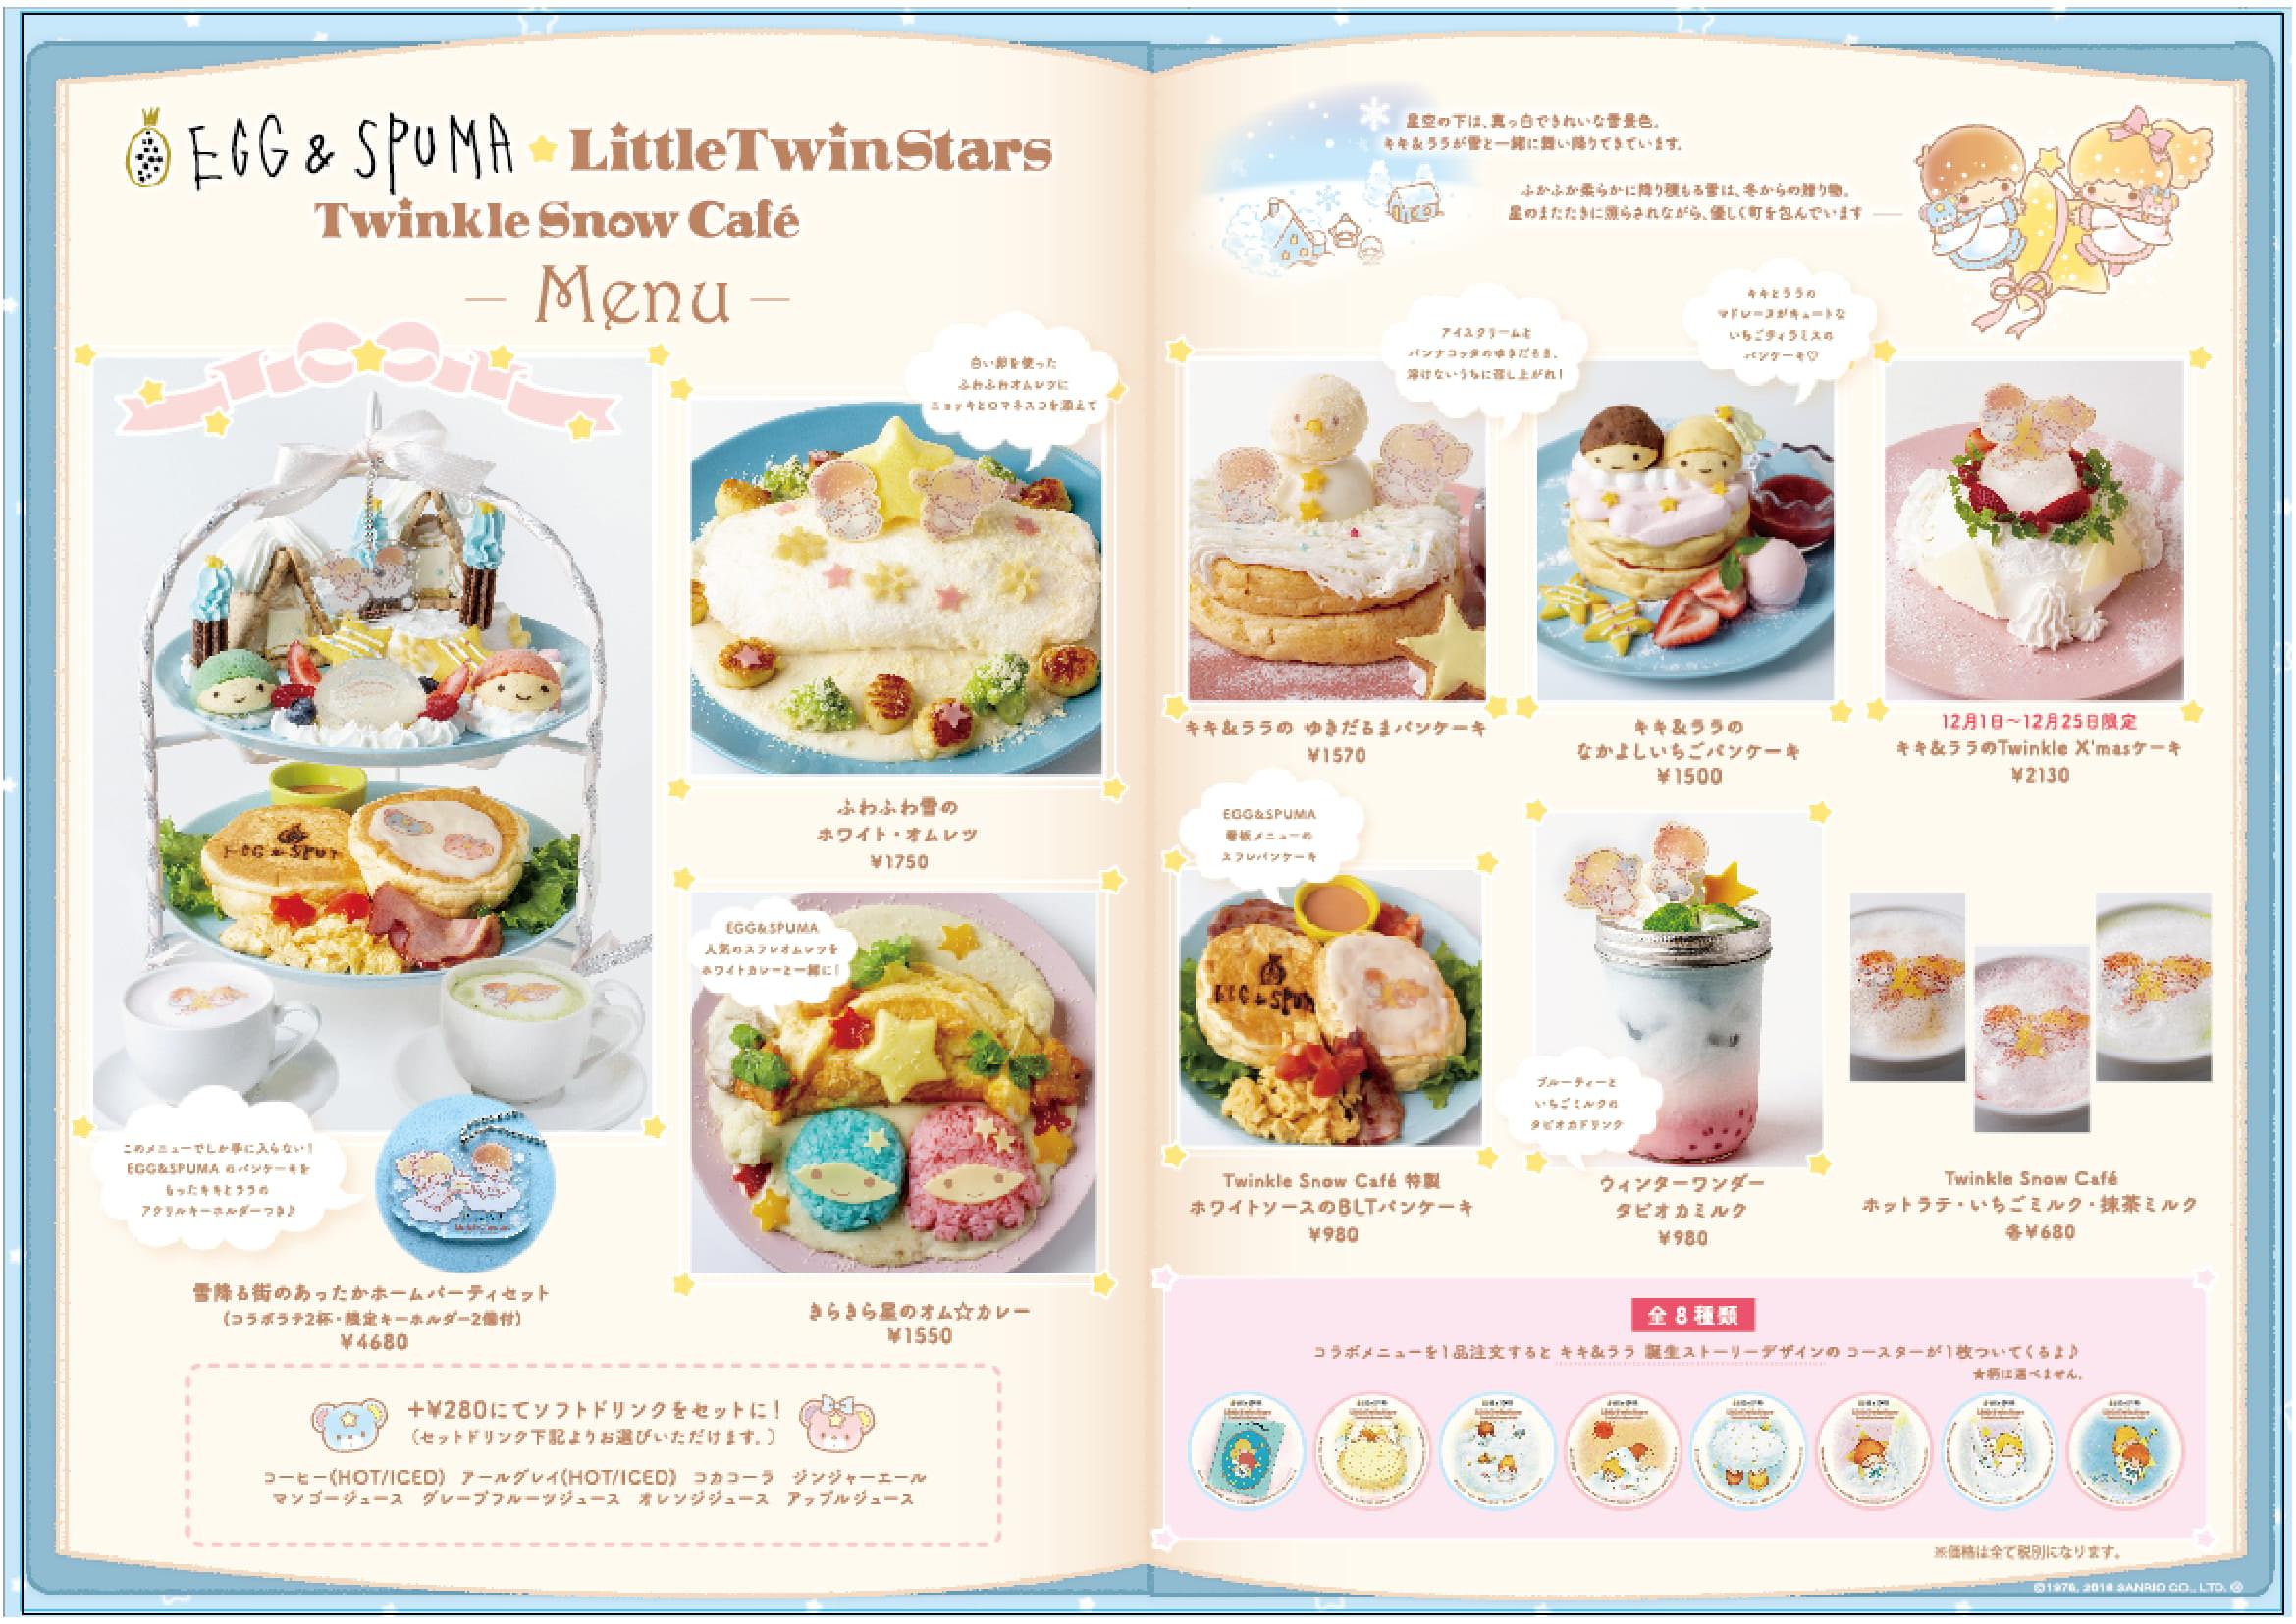 キキララ リトルツインスターズ Egg Spuma新宿 10 15 コラボ開催